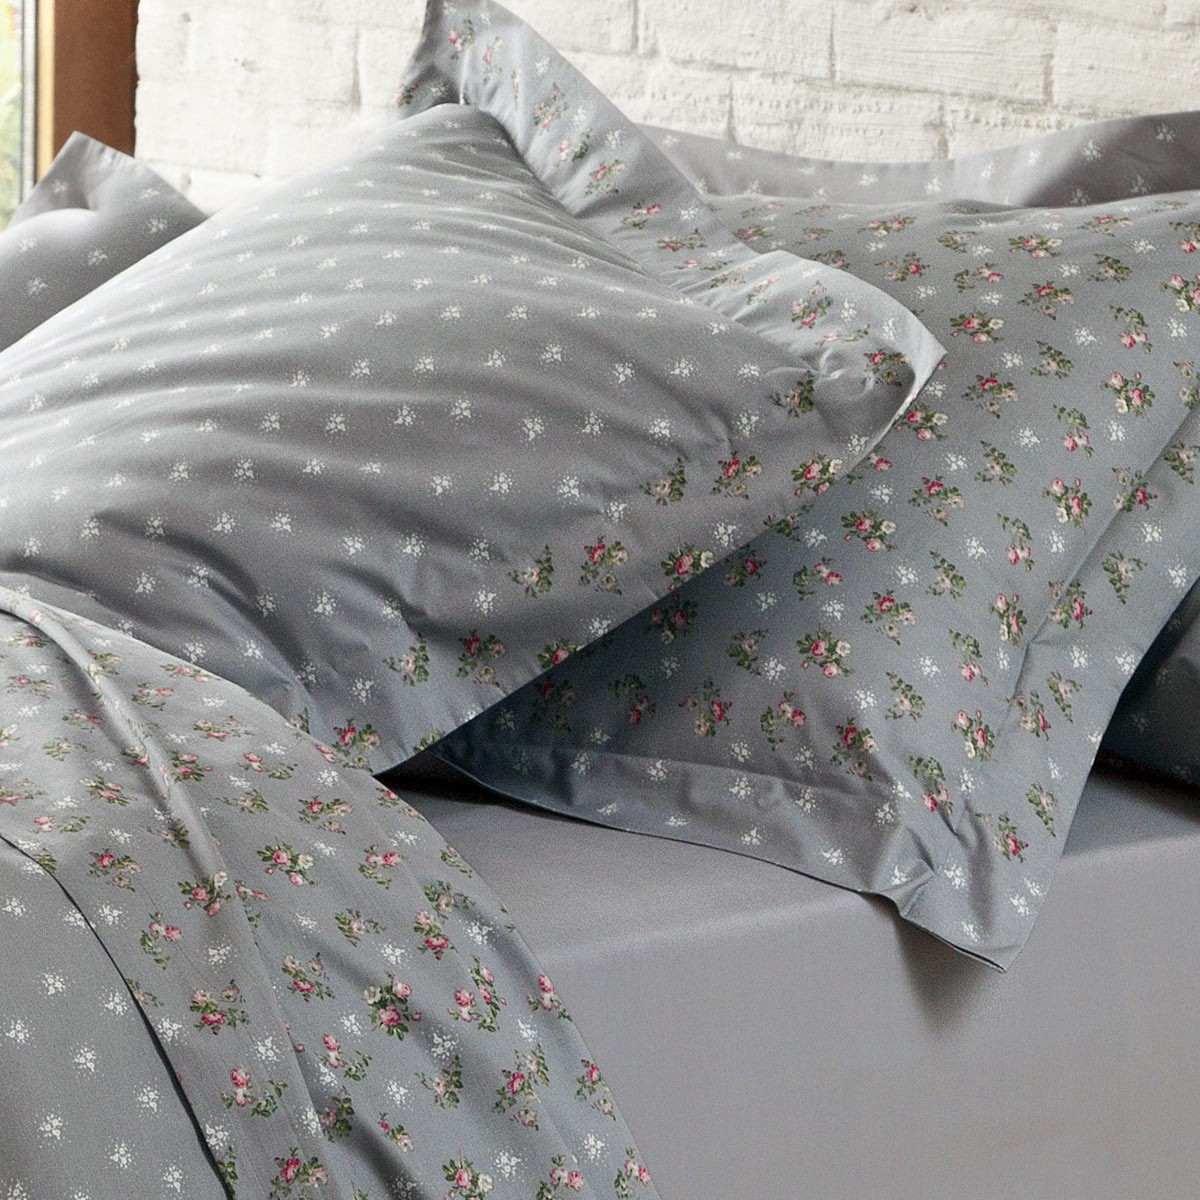 drap plat pour lit 140x190 interesting parure de drap. Black Bedroom Furniture Sets. Home Design Ideas